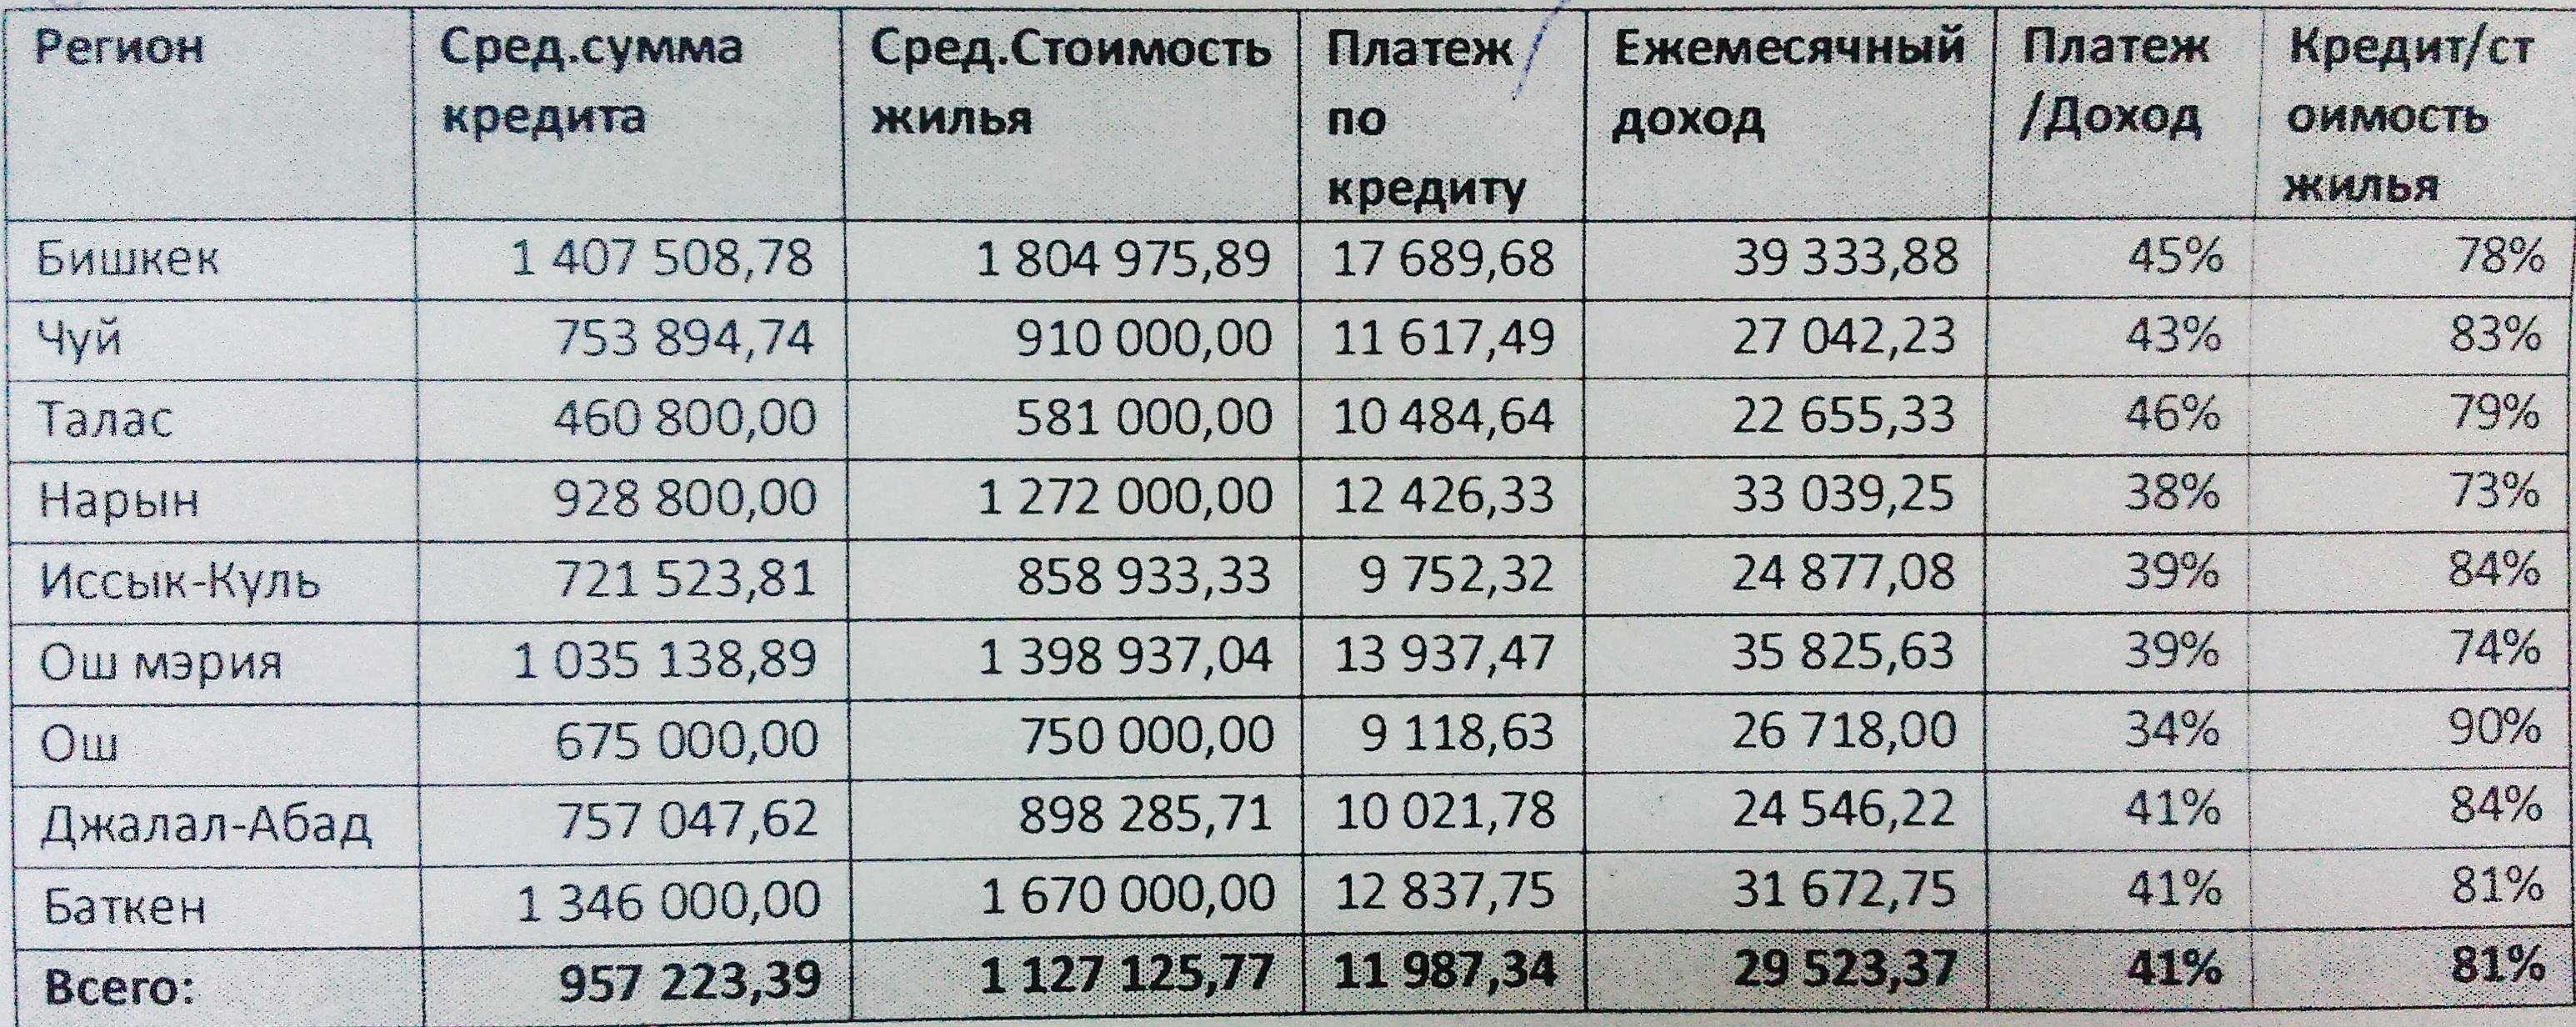 Компенсация за ипотечный кредит украина